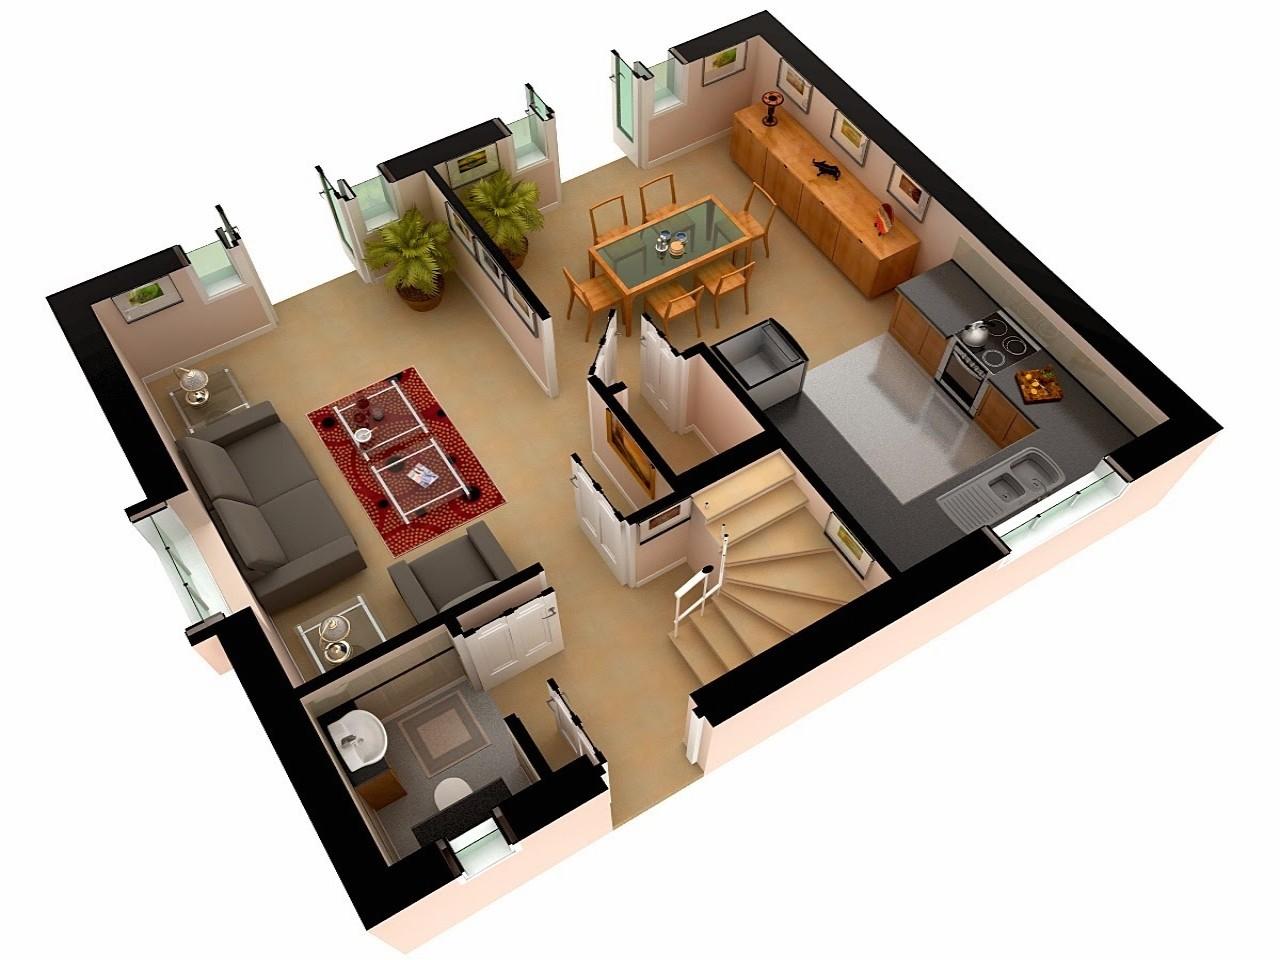 55143fa36168af78 multi story house plans 3d 3d floor plan design